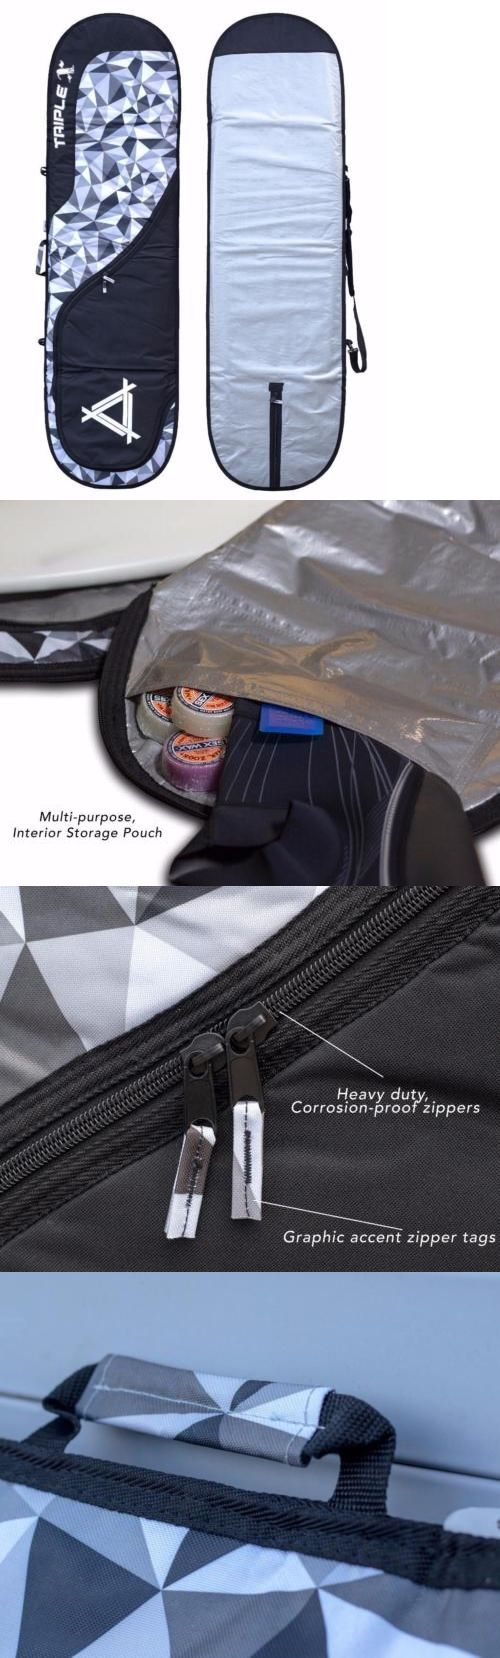 Board Bags and Socks 71165: New Triple X 7 6 Heavy Duty Funboard Surfboard Bag Pixel -> BUY IT NOW ONLY: $69.99 on eBay!